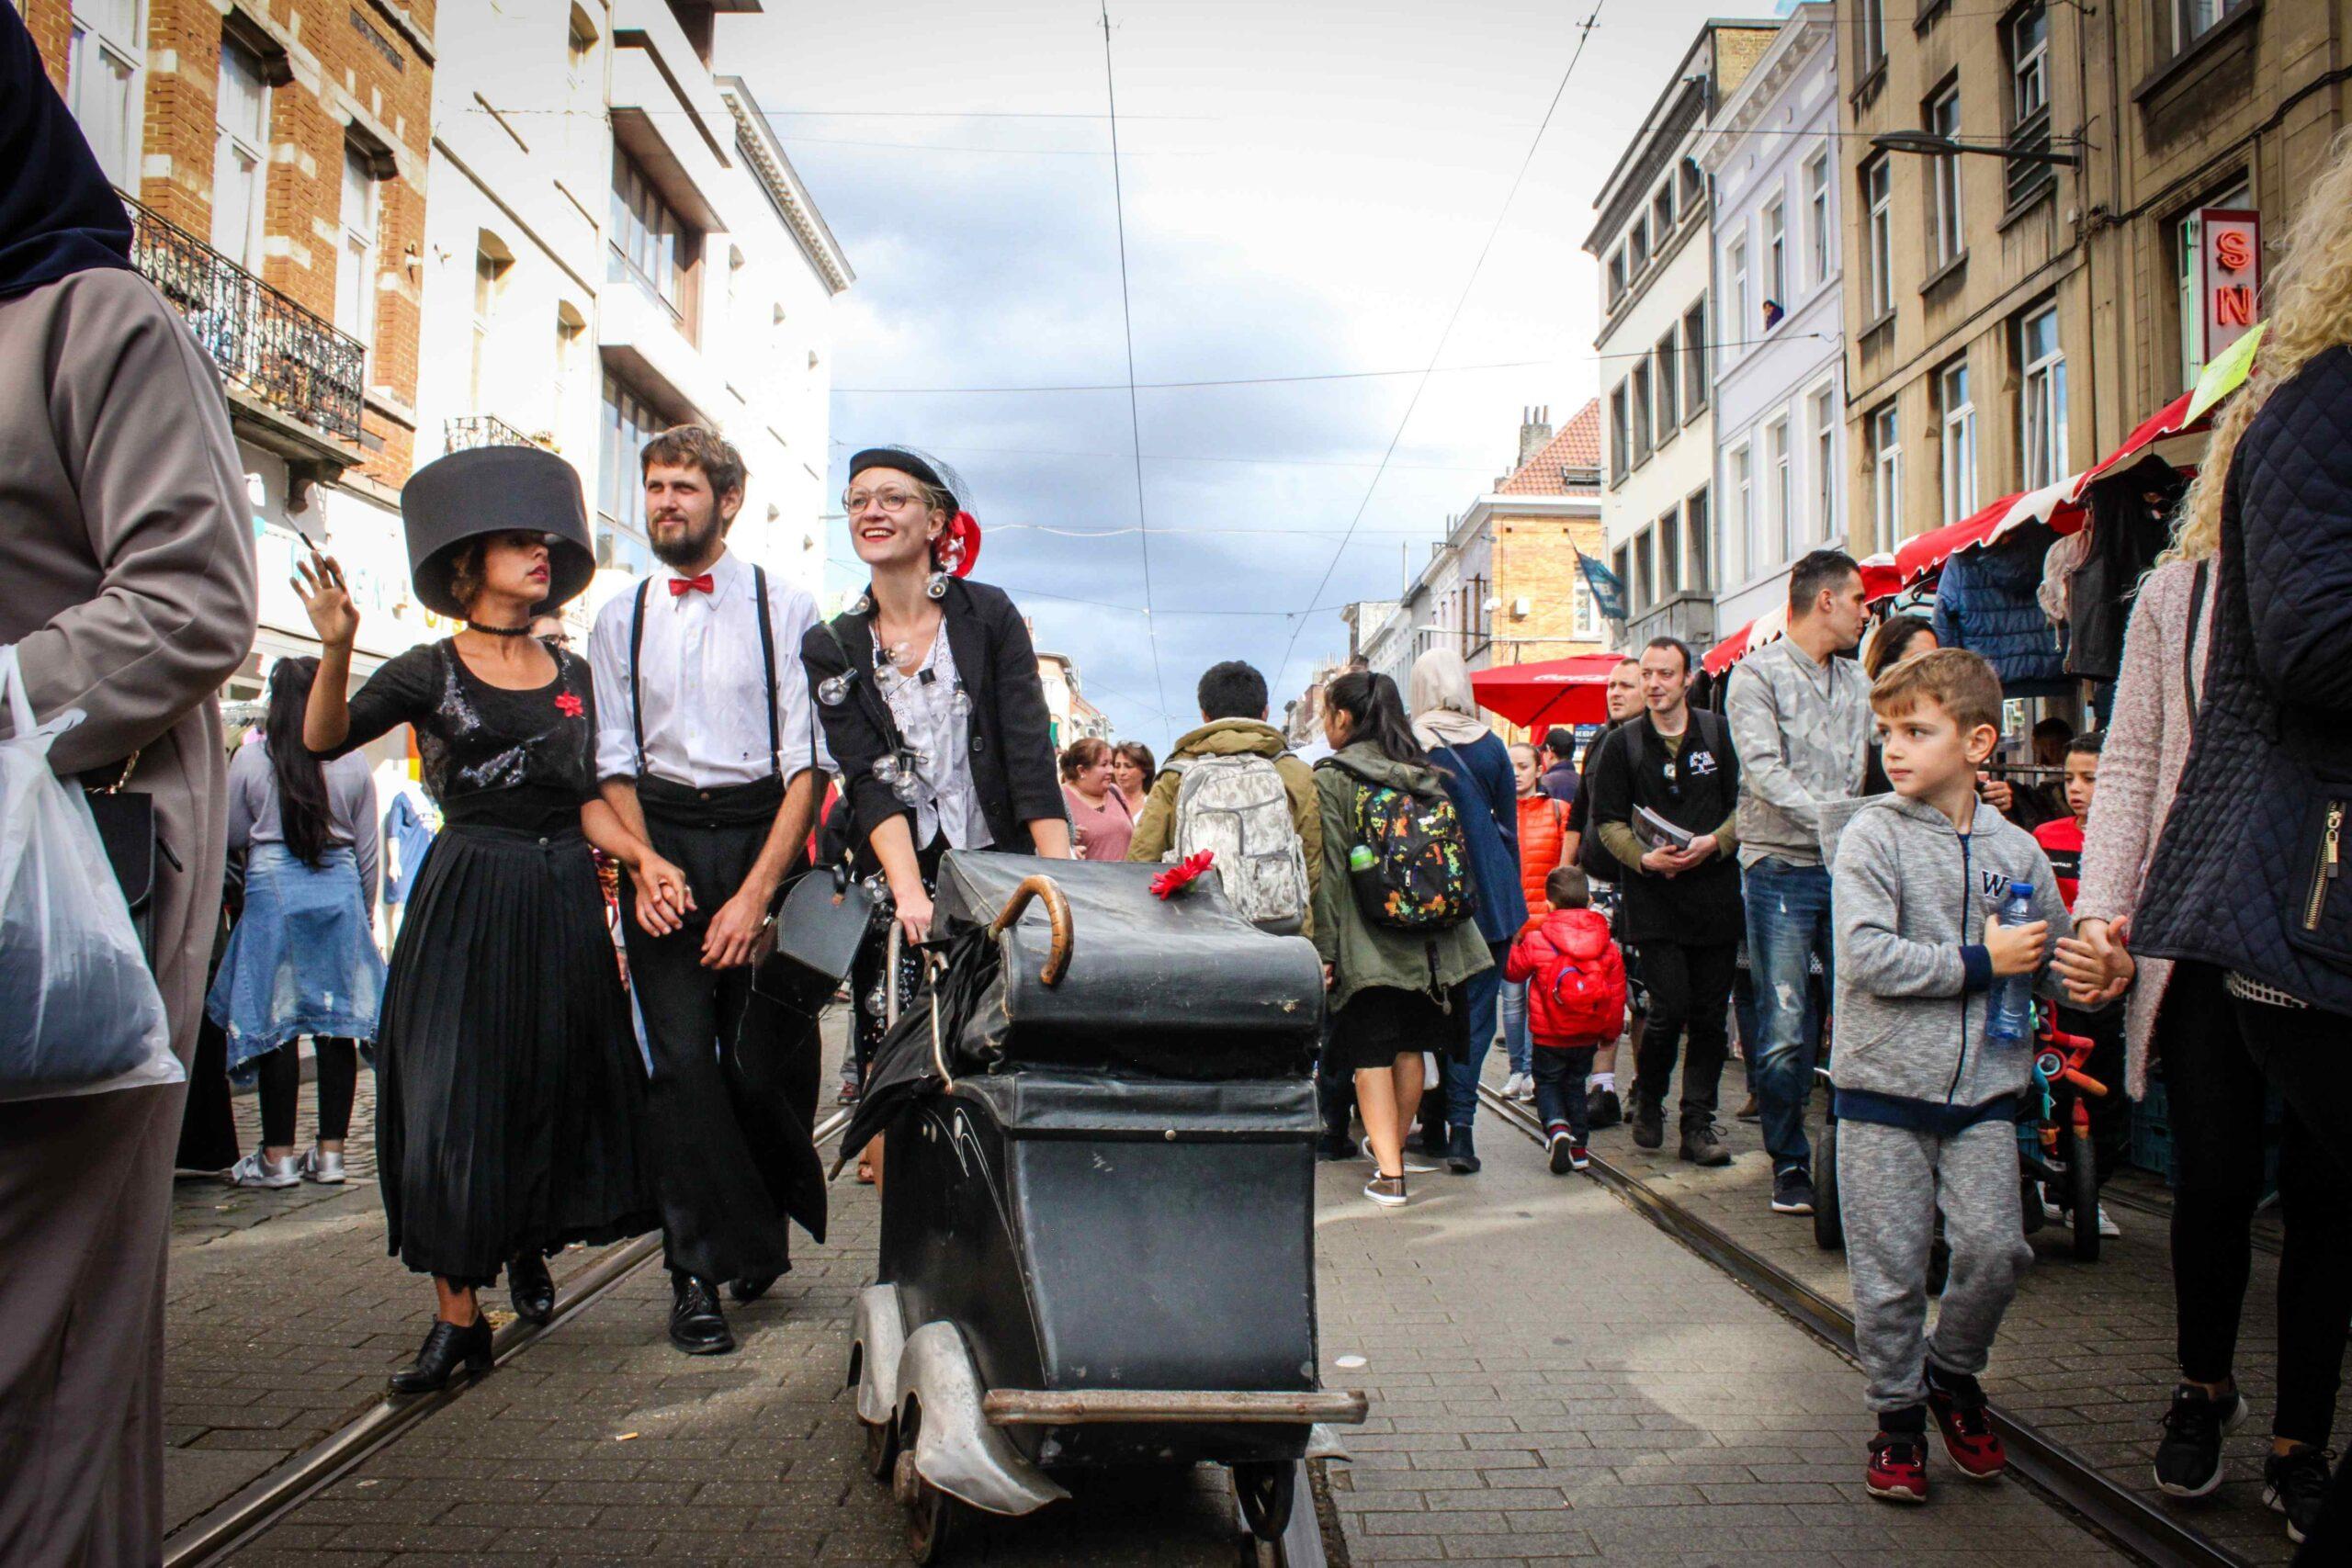 Les Fêlés – Photographic theatre on wheel